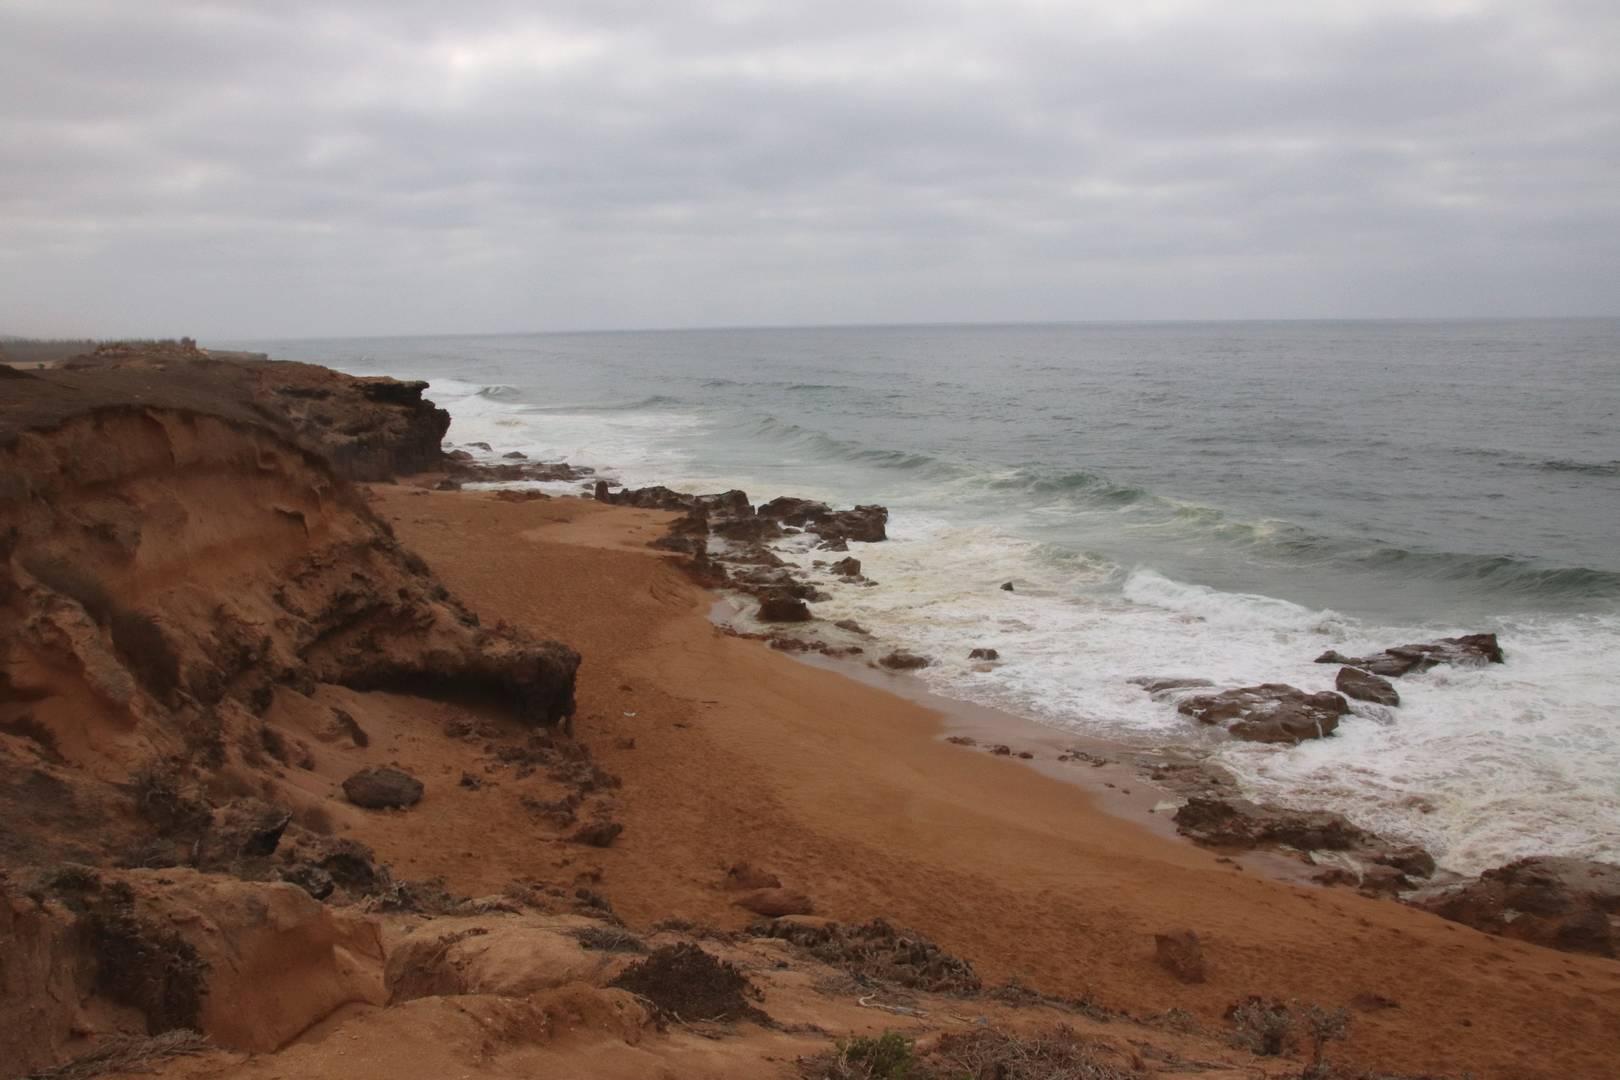 Maroc - Plage sauvage de la côte atlantique à côté de Oualidia